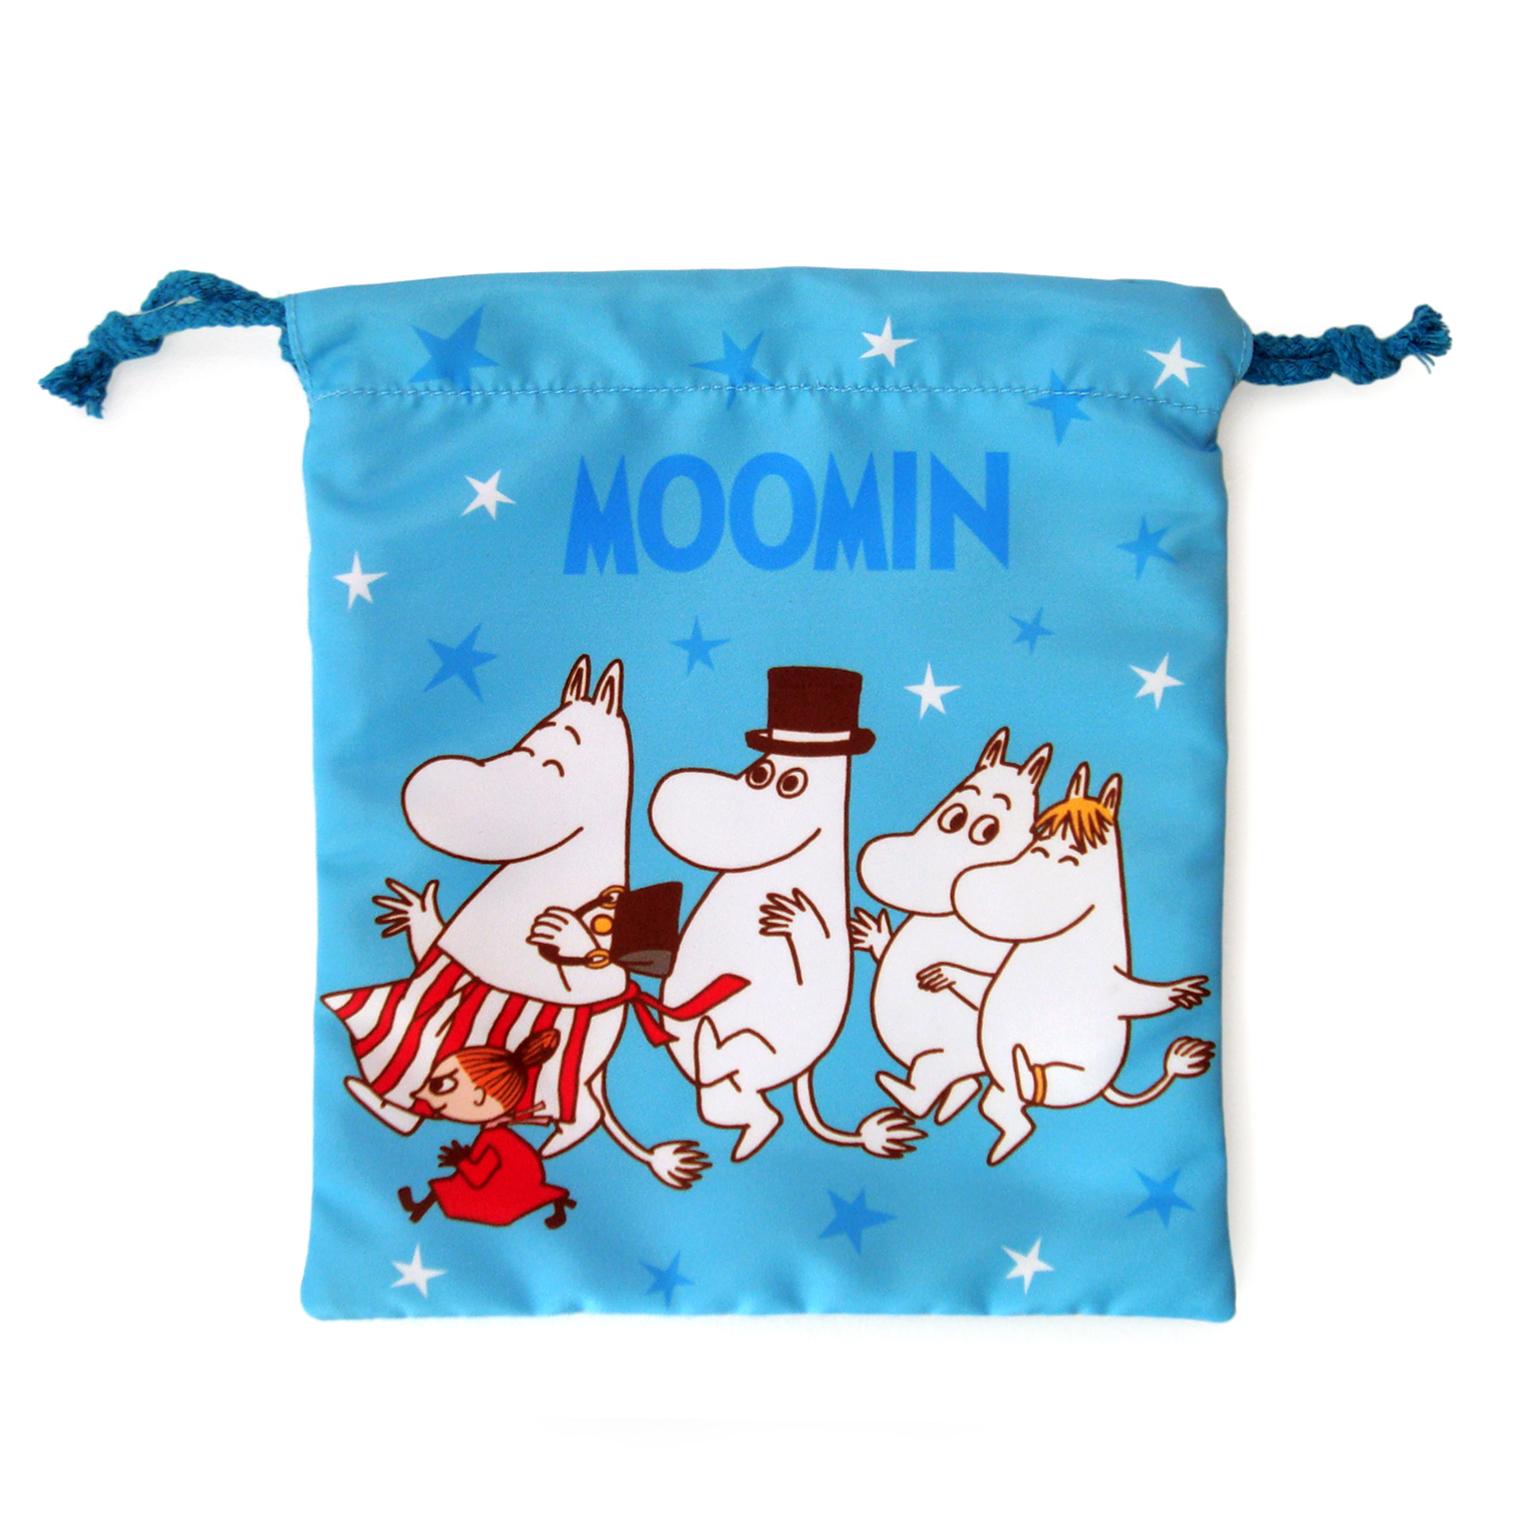 【禾宜精品】正版 Moomin 嚕嚕米 姆明家族 束口袋 束口包 小提袋 時尚包 生活百貨 M103009-A